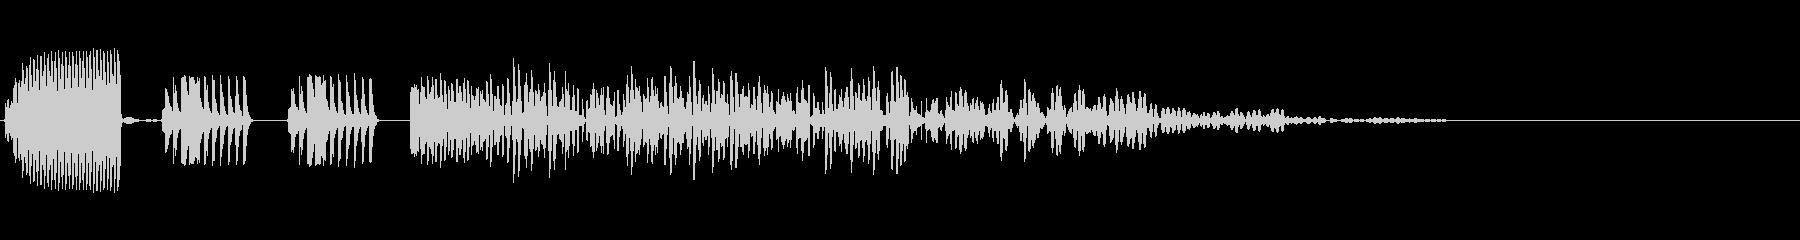 爆弾10の未再生の波形